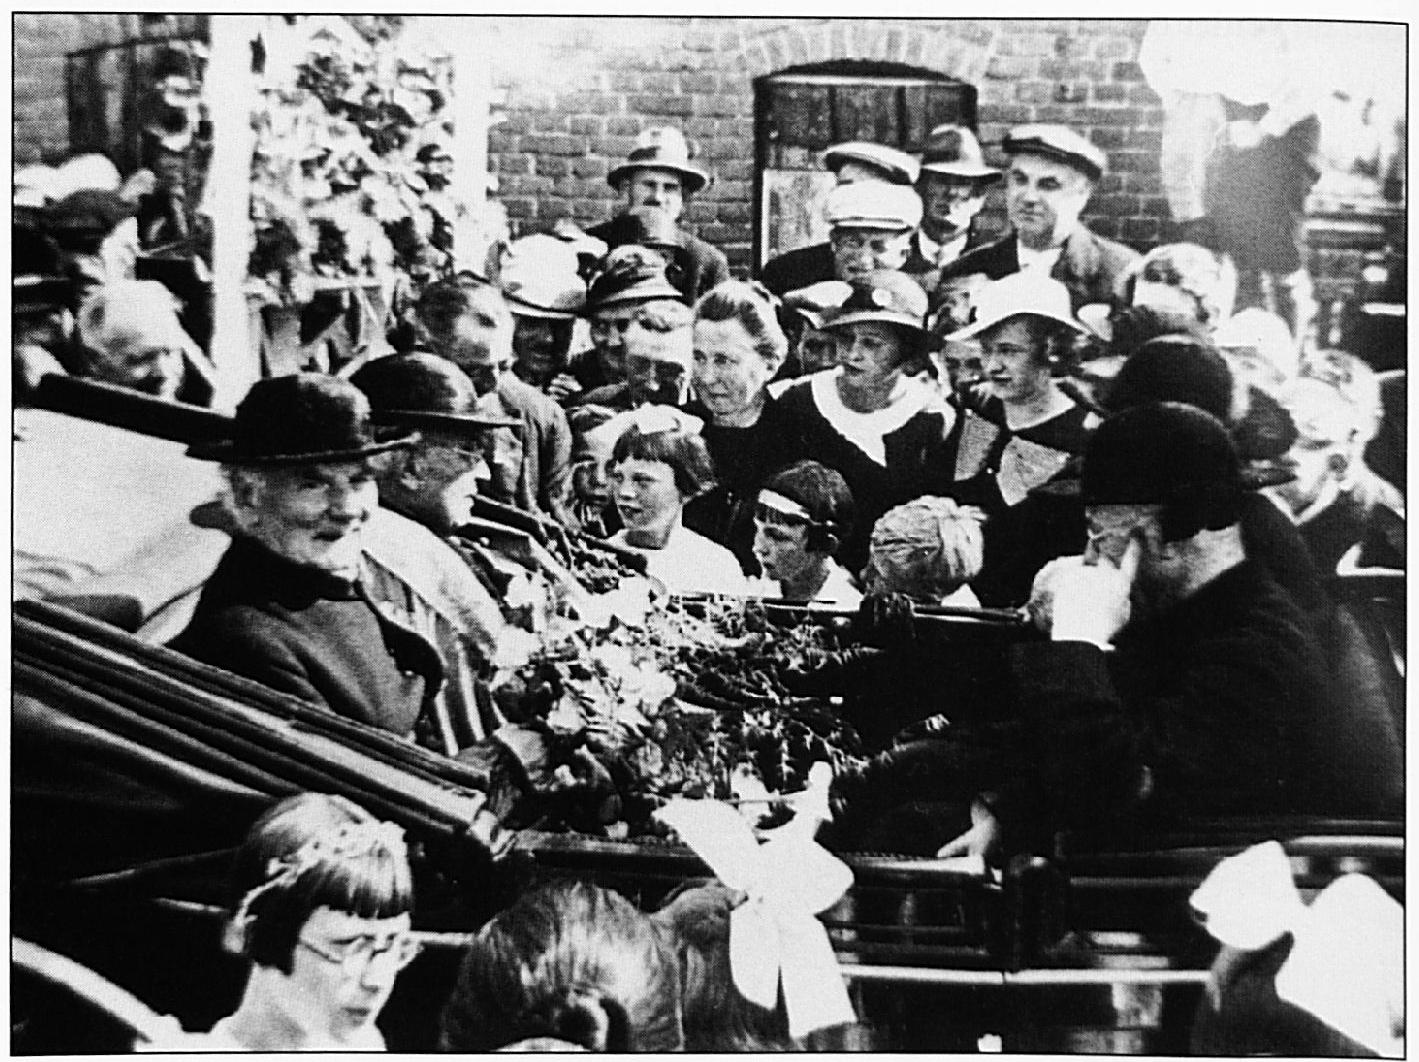 Pastoor Heurkens in een rijtuig, vergezeld door burgemeester Ditters en Mgr. Prinsen. Het was zaterdag 20 juni 1936, toen hij feestelijk werd ingehaald t.g.v. van zijn gouden jubileum.